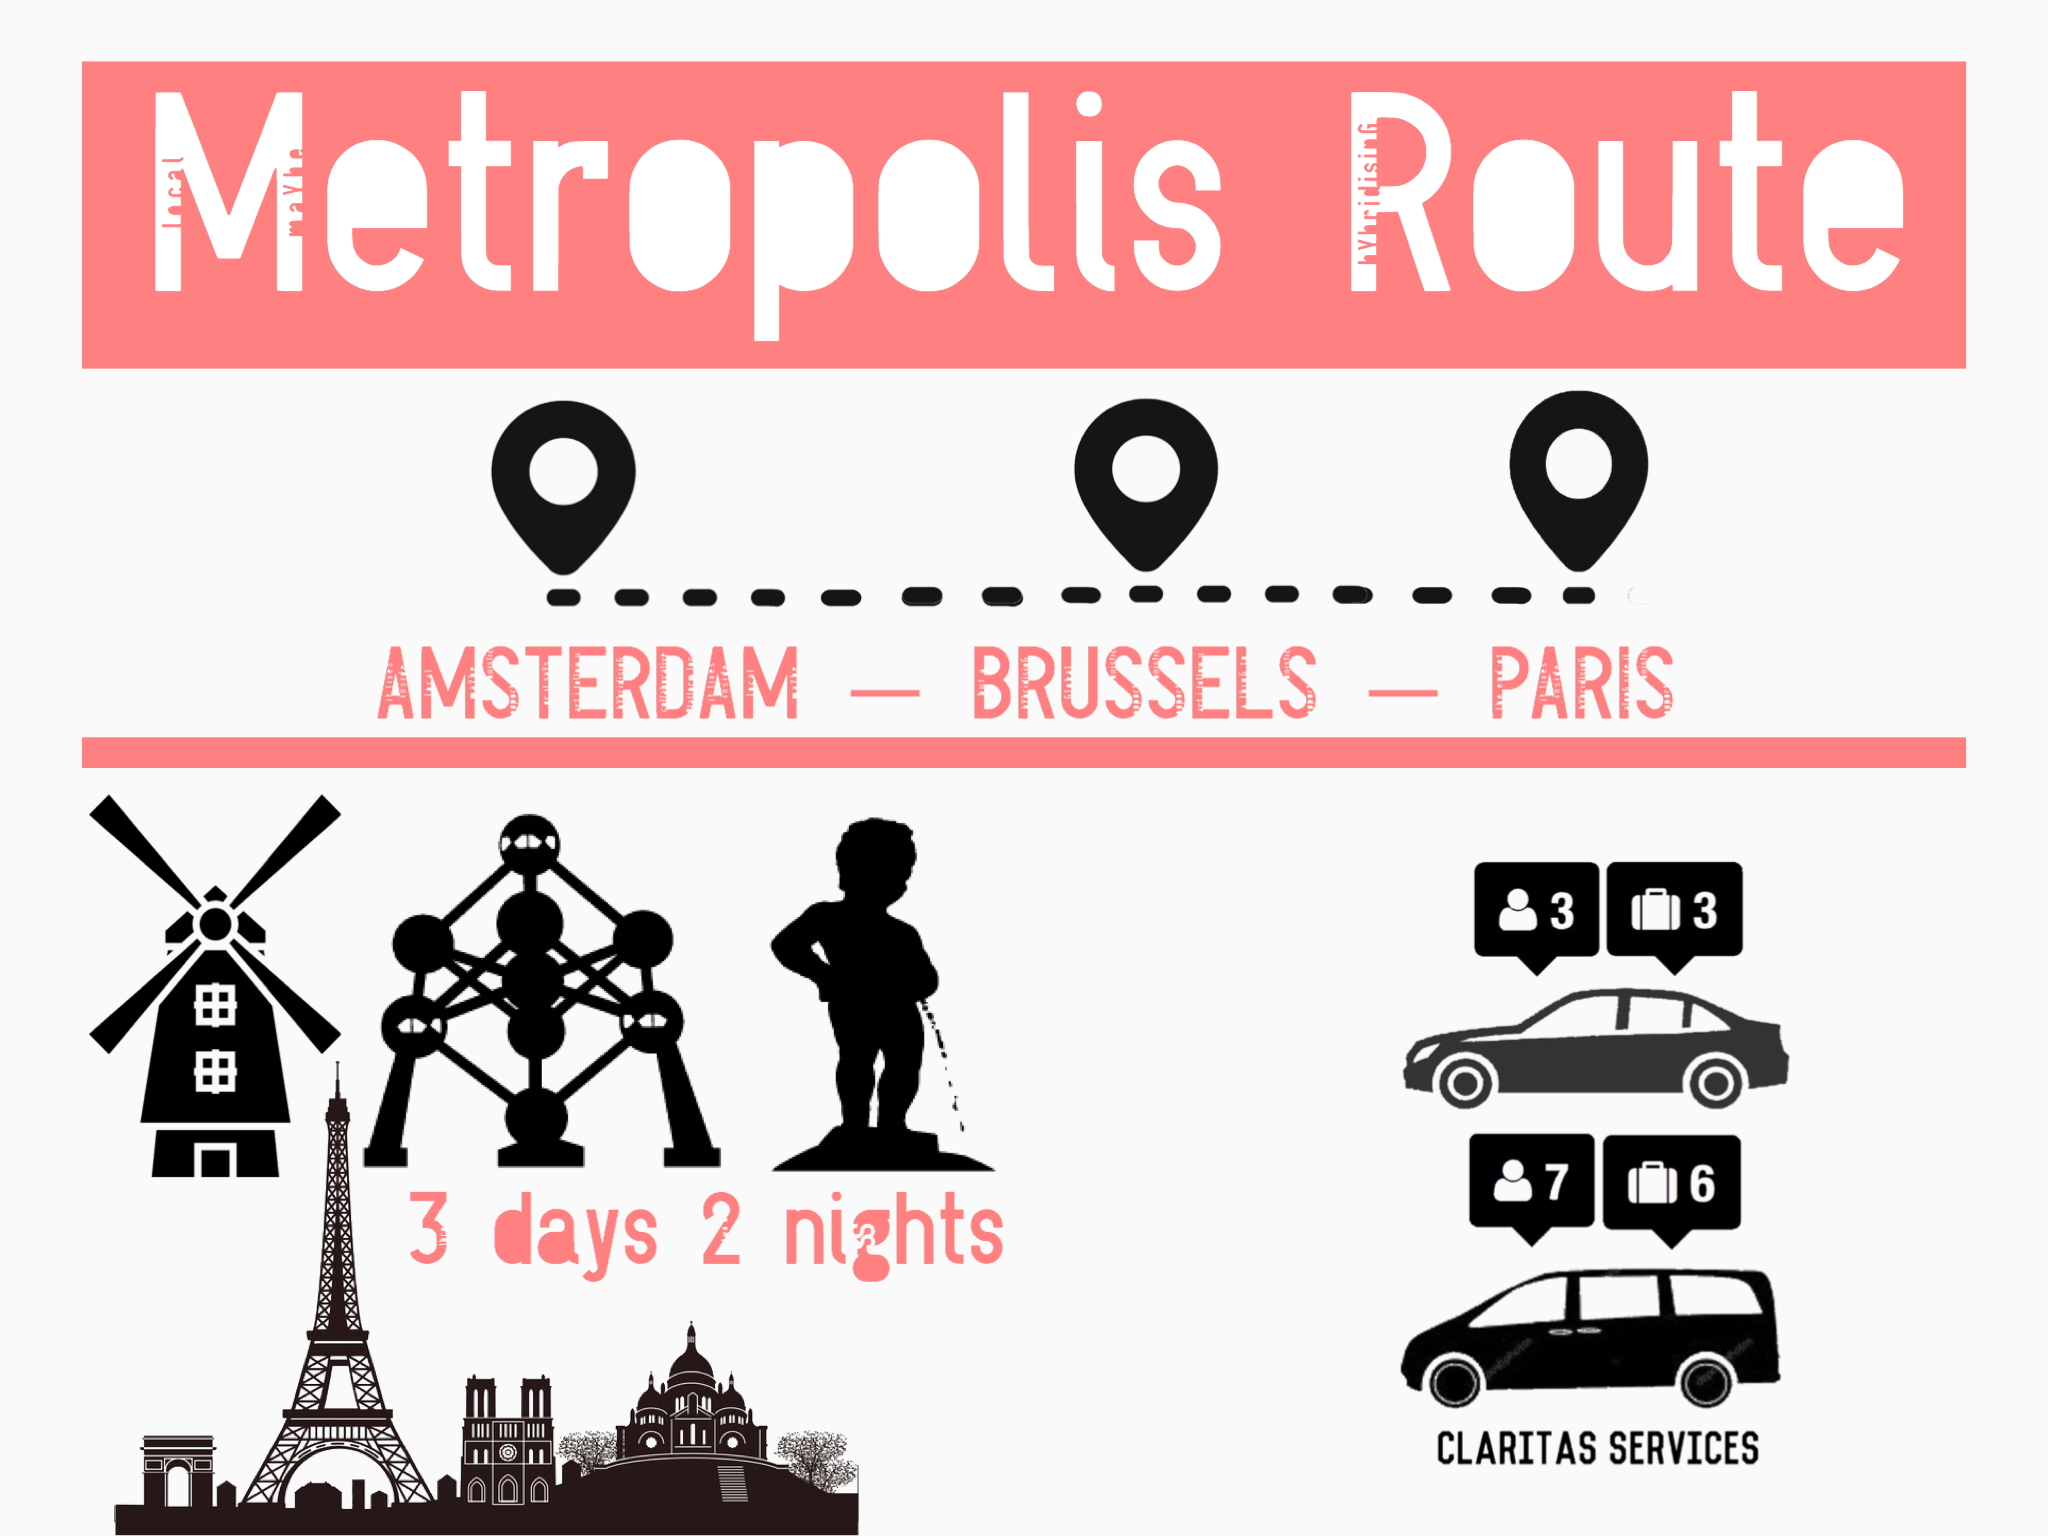 The Metropolis Route